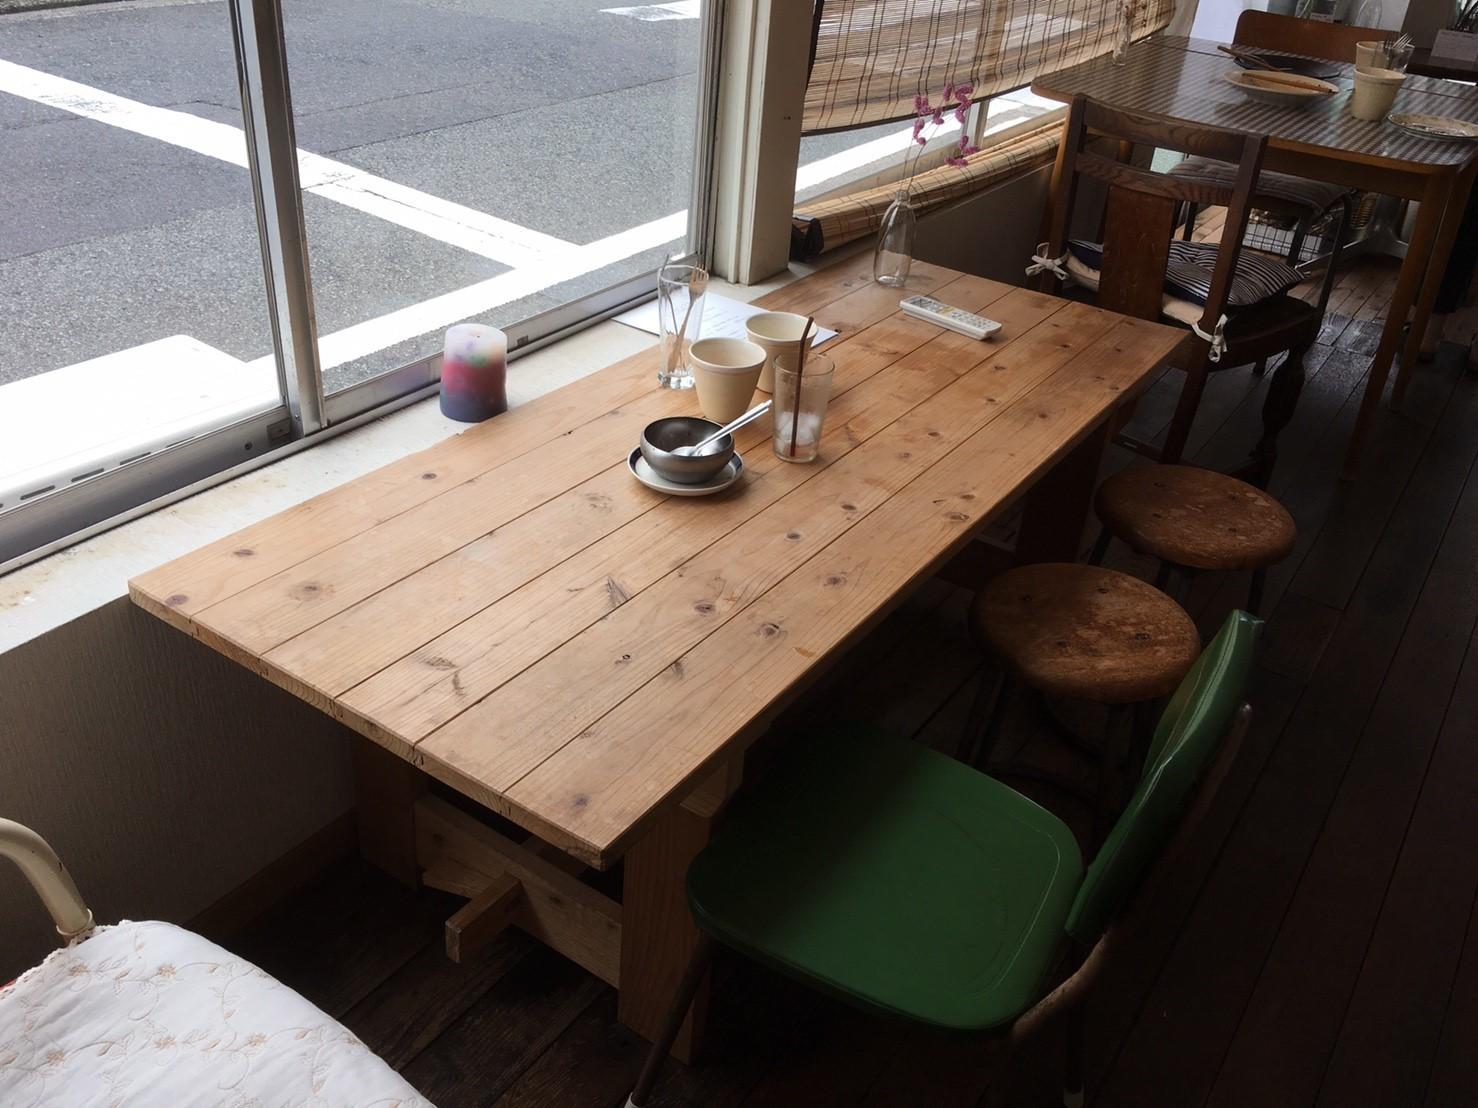 tottoriカルマ  まるなげ食堂_e0115904_14510593.jpg